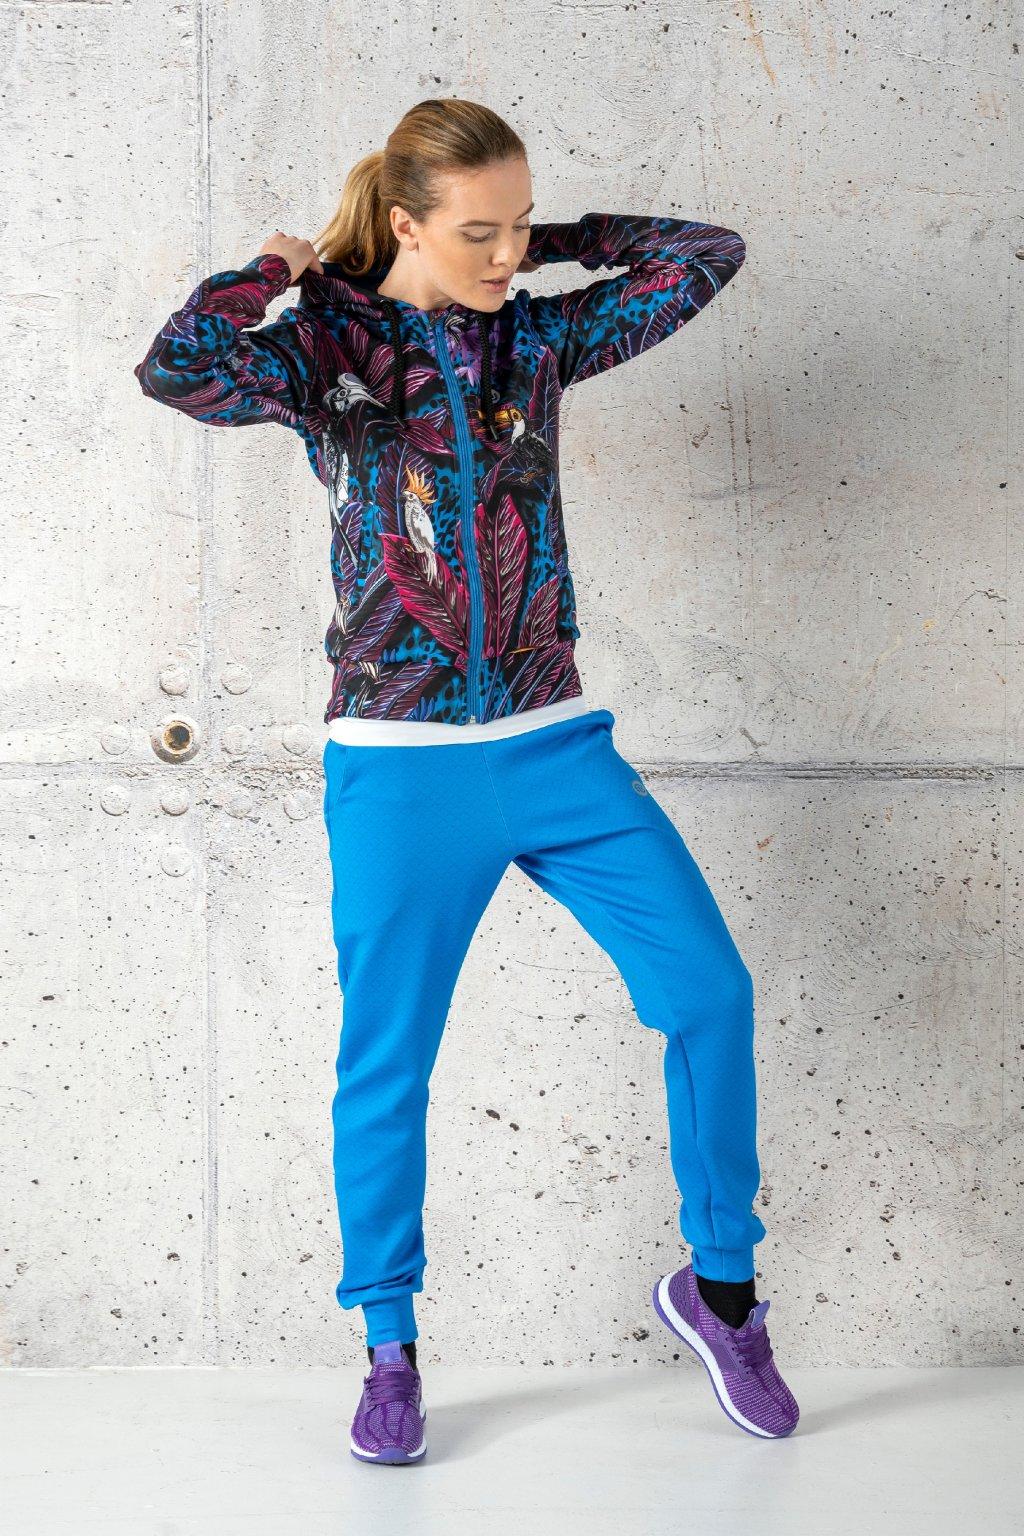 Volné sportovní kalhoty blue mirage sdwn 11x7 1